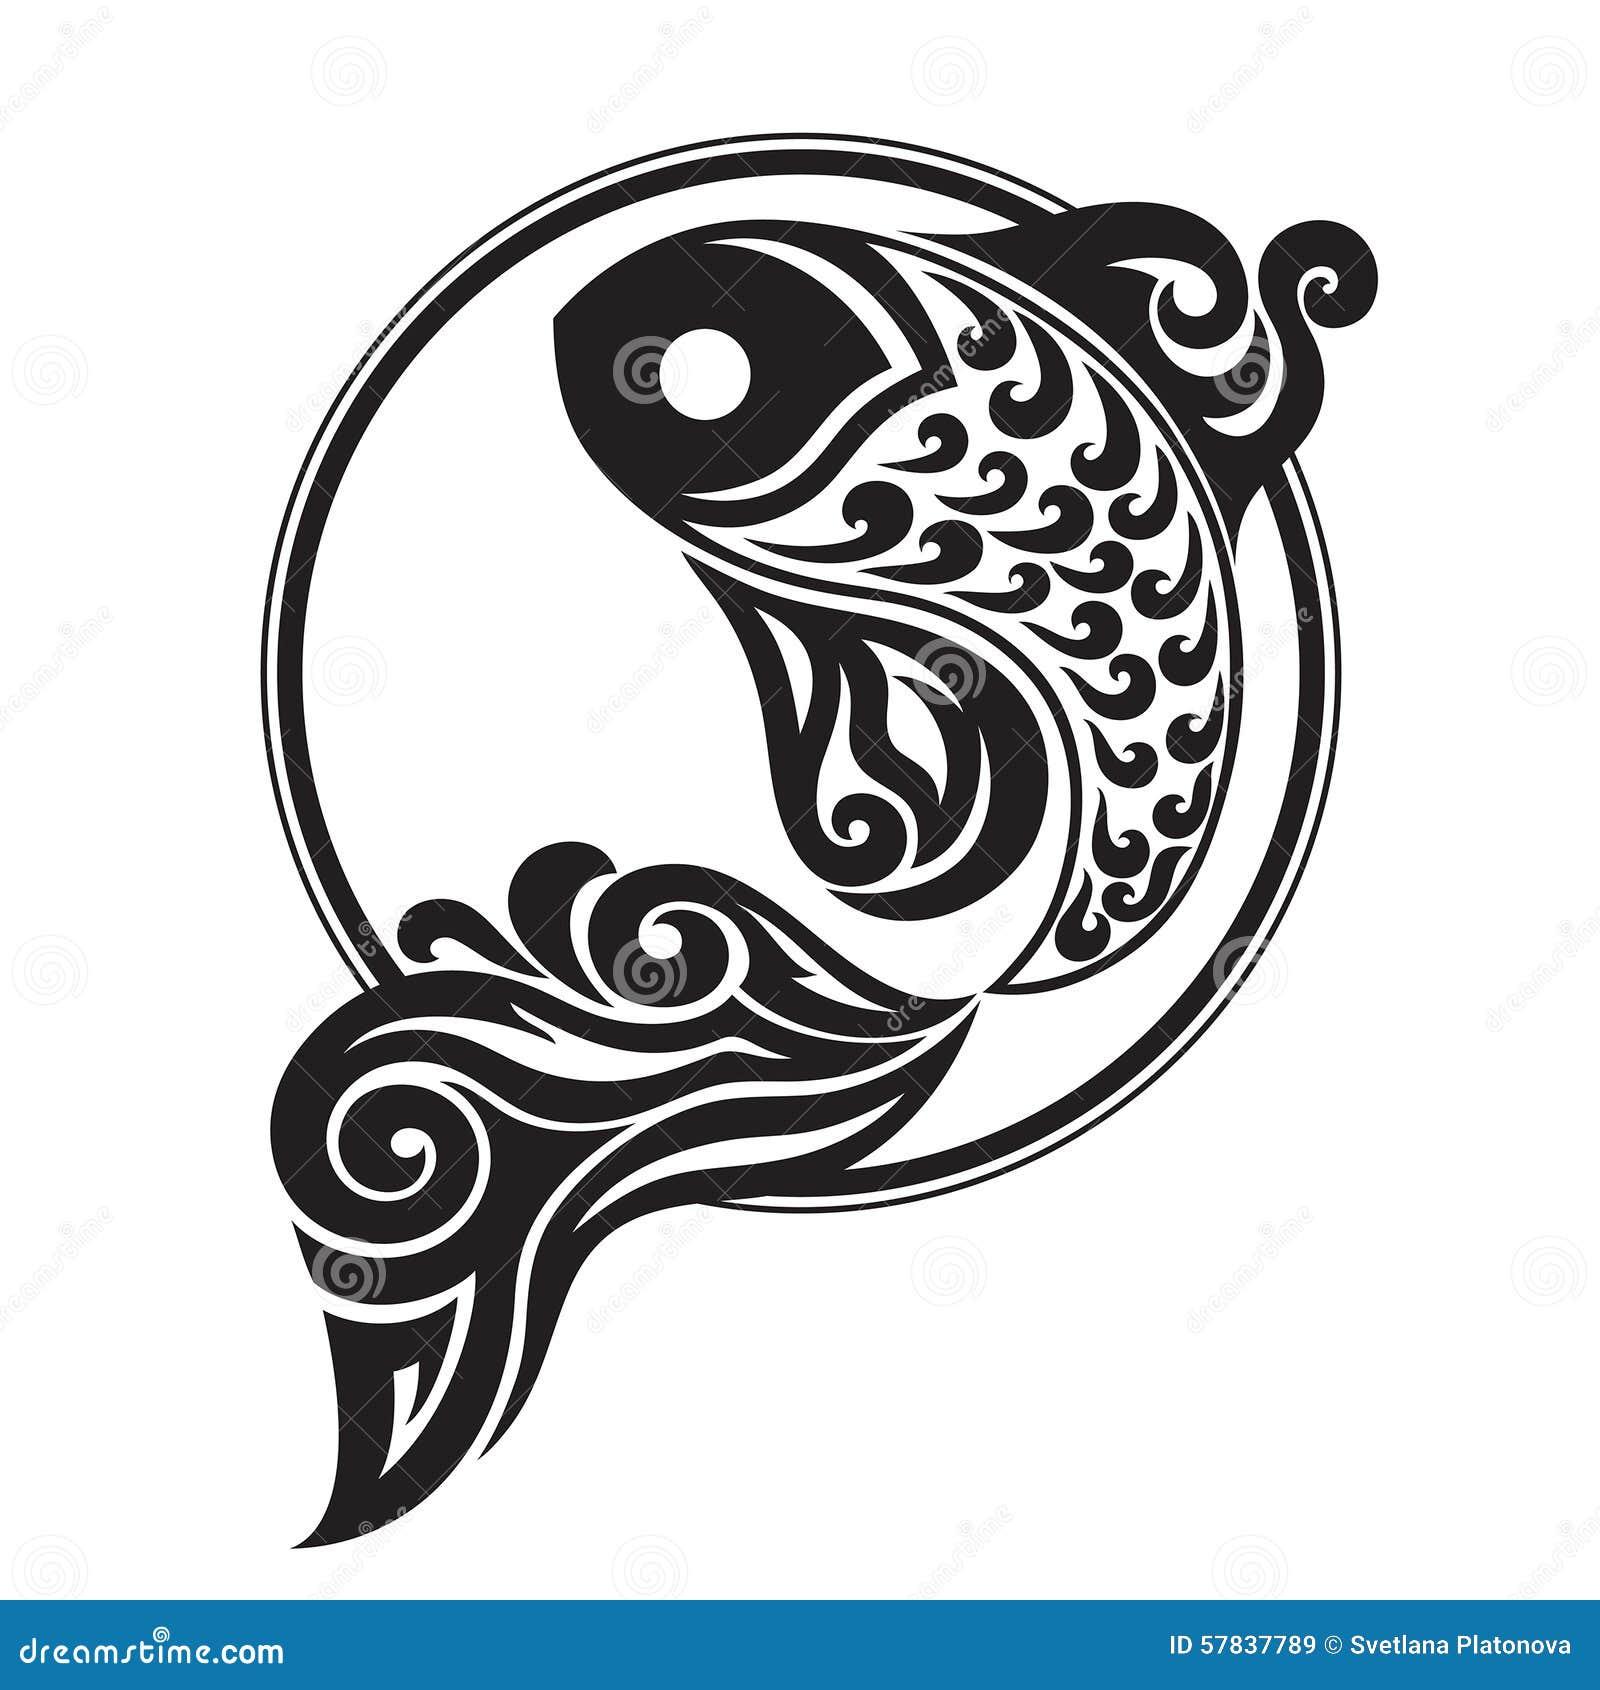 一条鱼的黑白图画在不同的背景的盘旋.图片